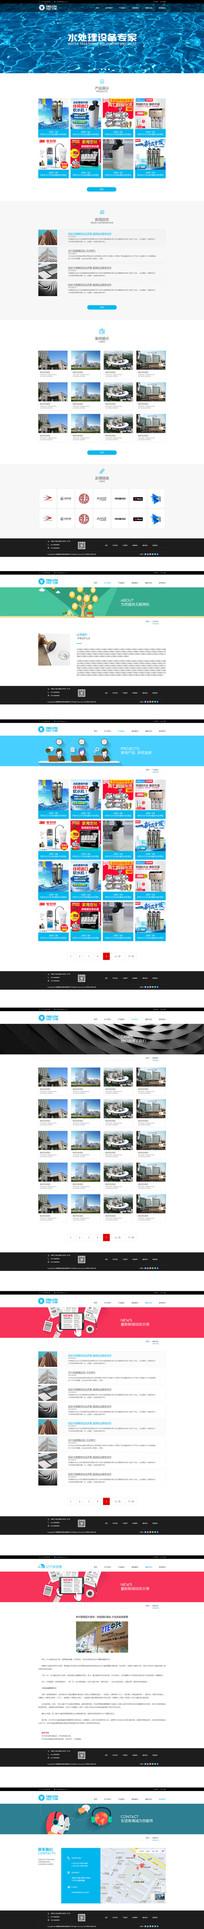 企业官网PSD全套模板